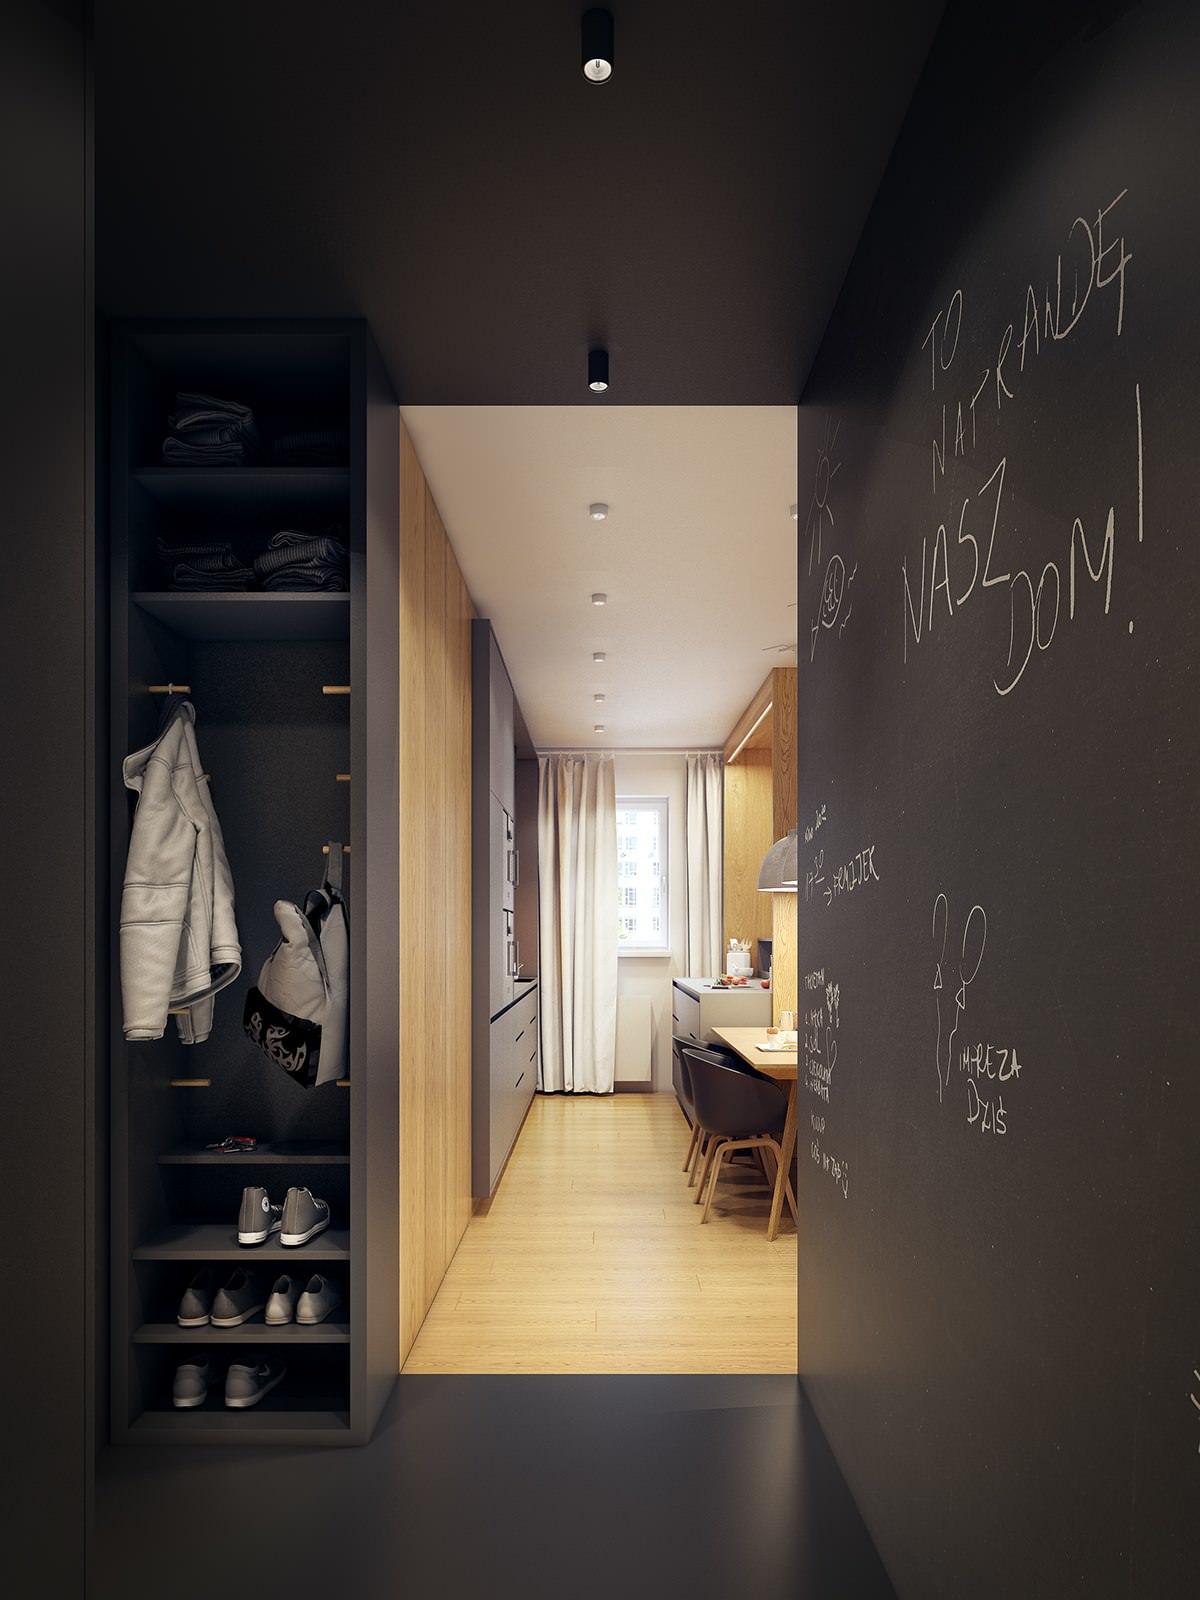 interioren-proekt-za-apartament-v-moderen-skandinavski-stil-912g